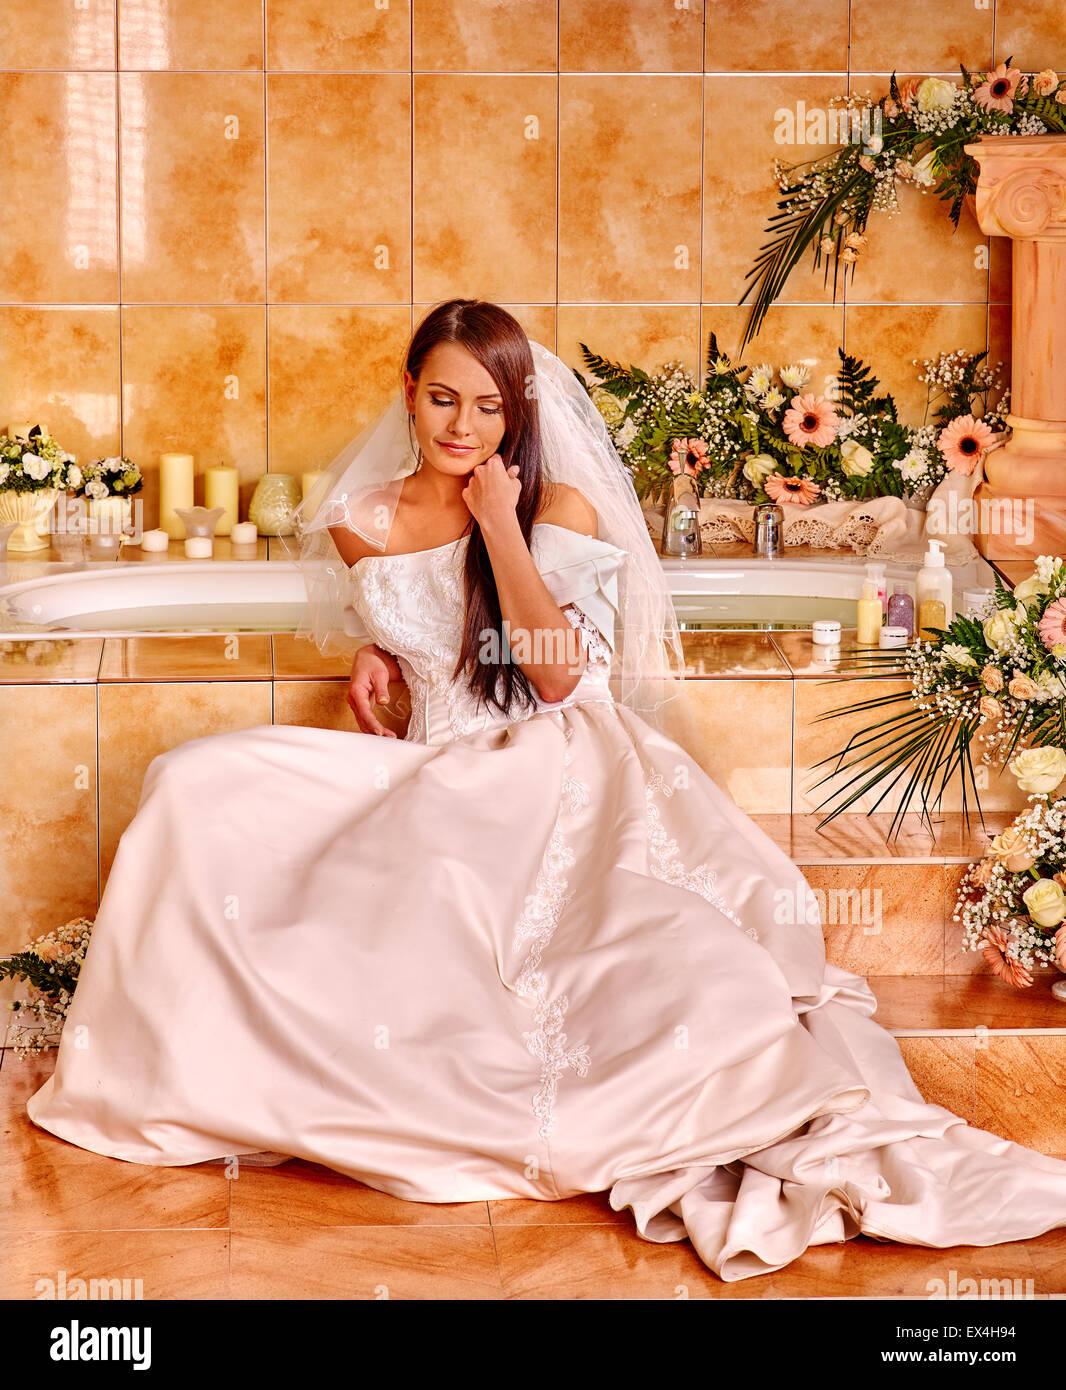 Woman wearing wedding dress Stock Photo: 84923920 - Alamy